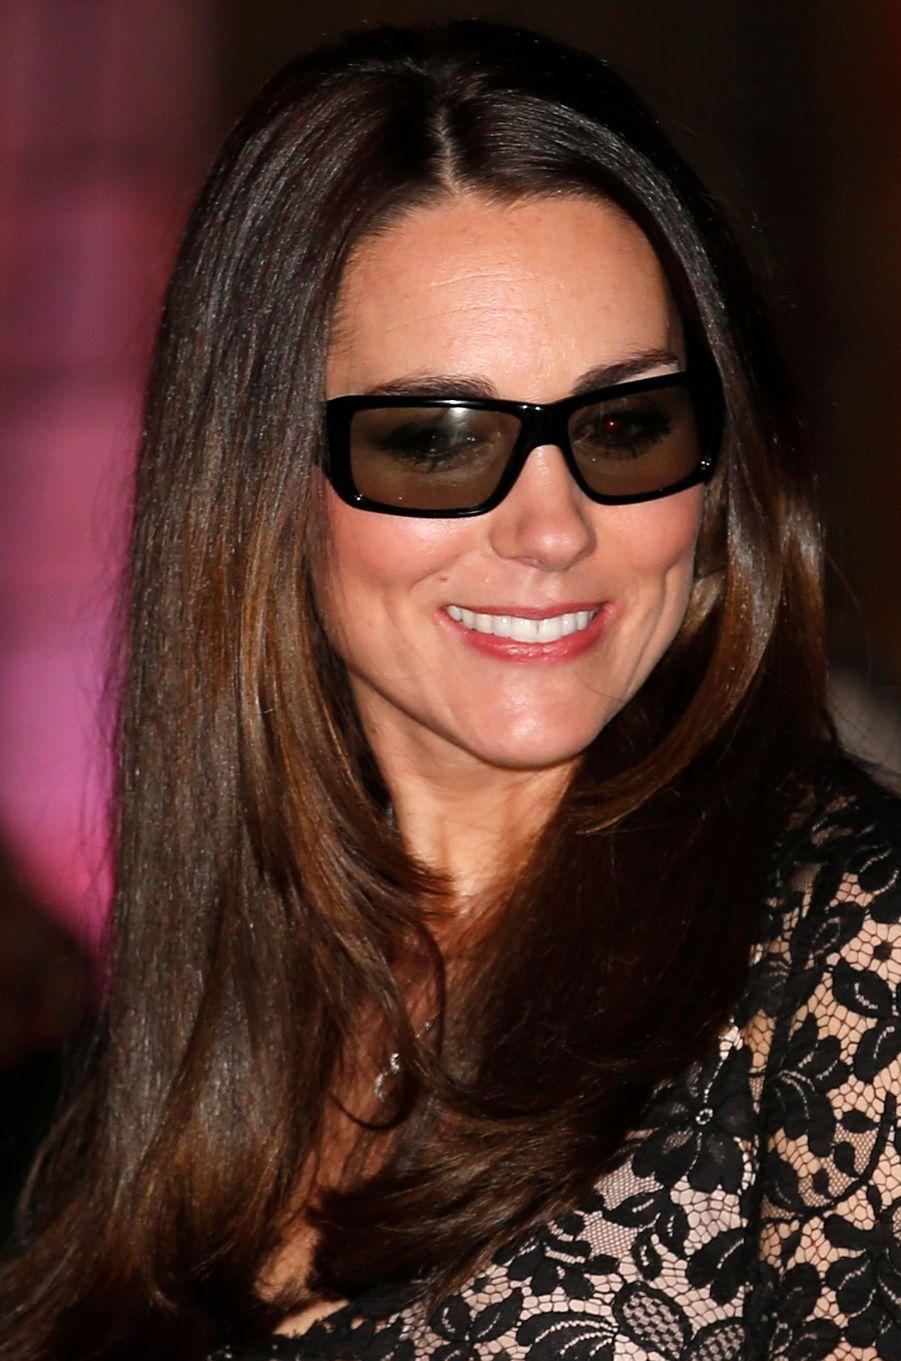 Etre radieuse en portant des lunettes de 3D, il fallait réussir l'exploit.